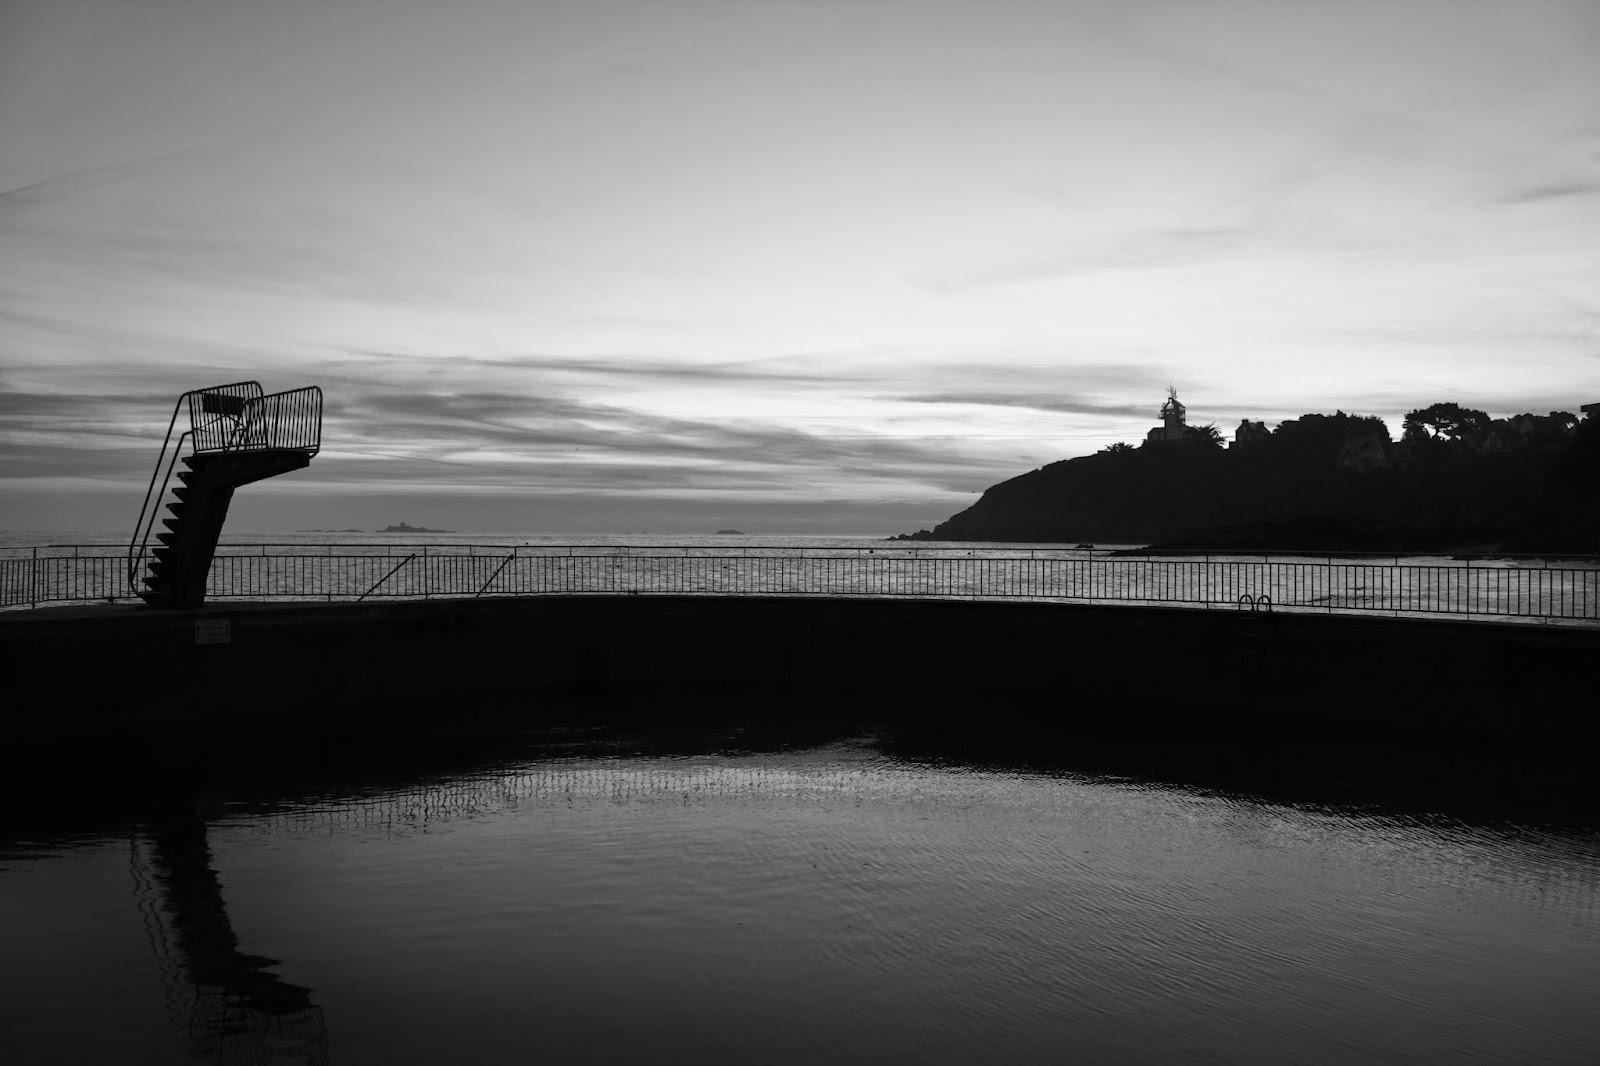 La piscine d'eau de mer de Saint Quay Portrieux en noir et blanc